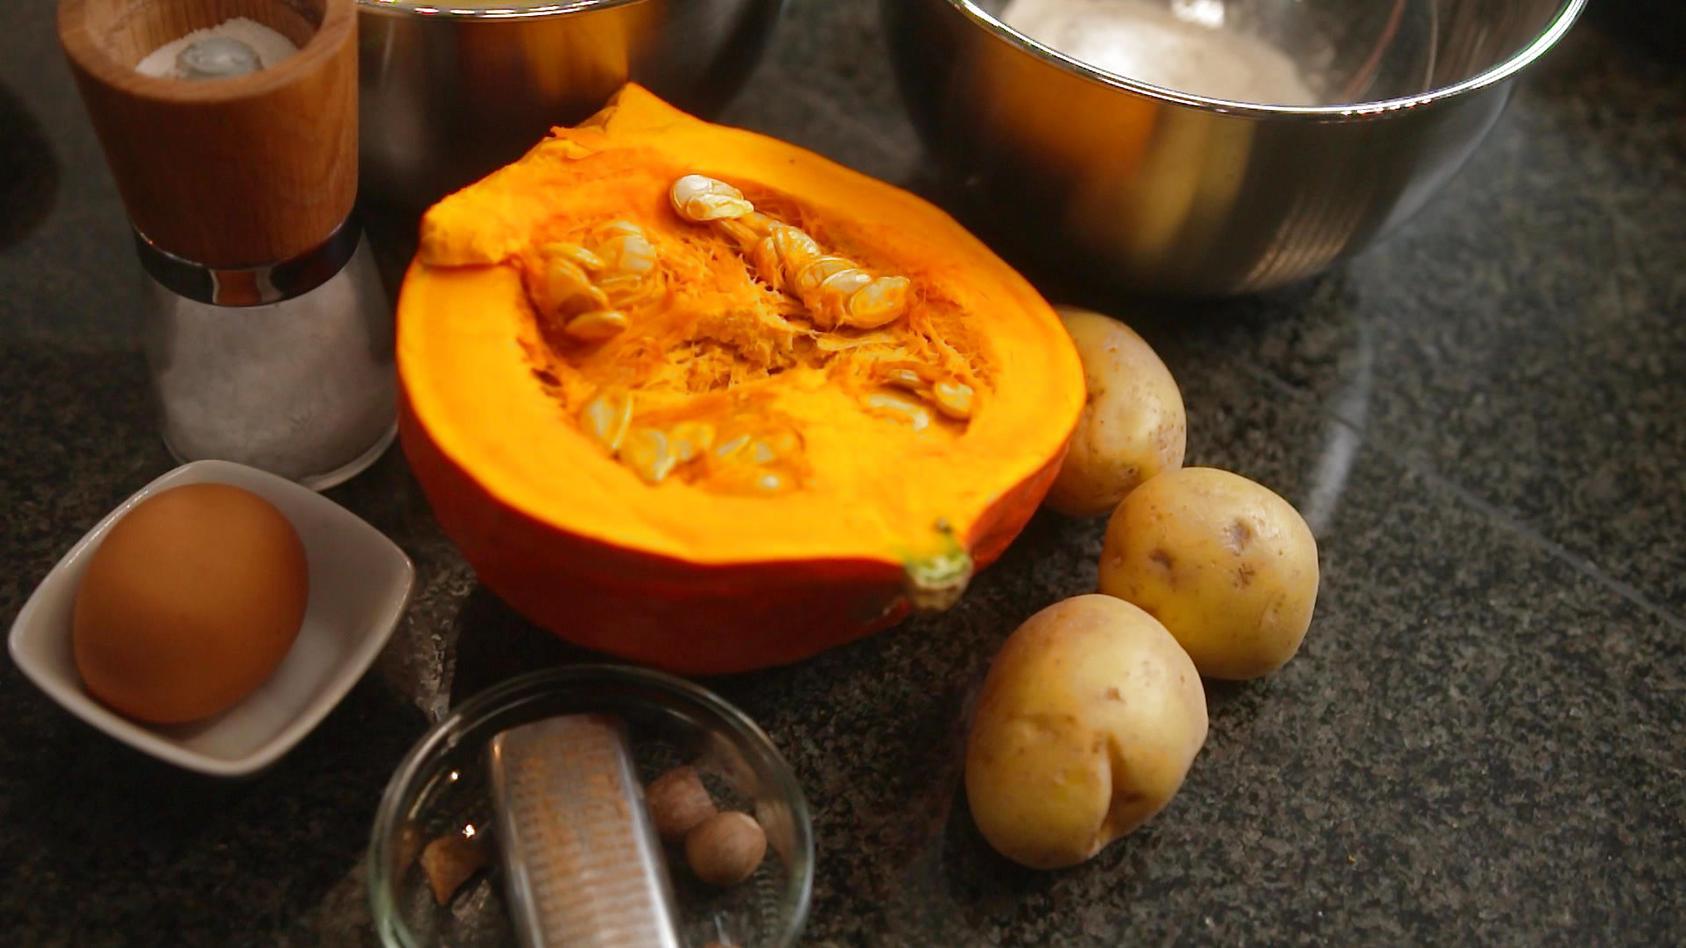 der-kurbis-kann-mehr-als-nur-suppe-wie-ware-es-mit-leckeren-kurbis-gnocchi-oder-brotchen